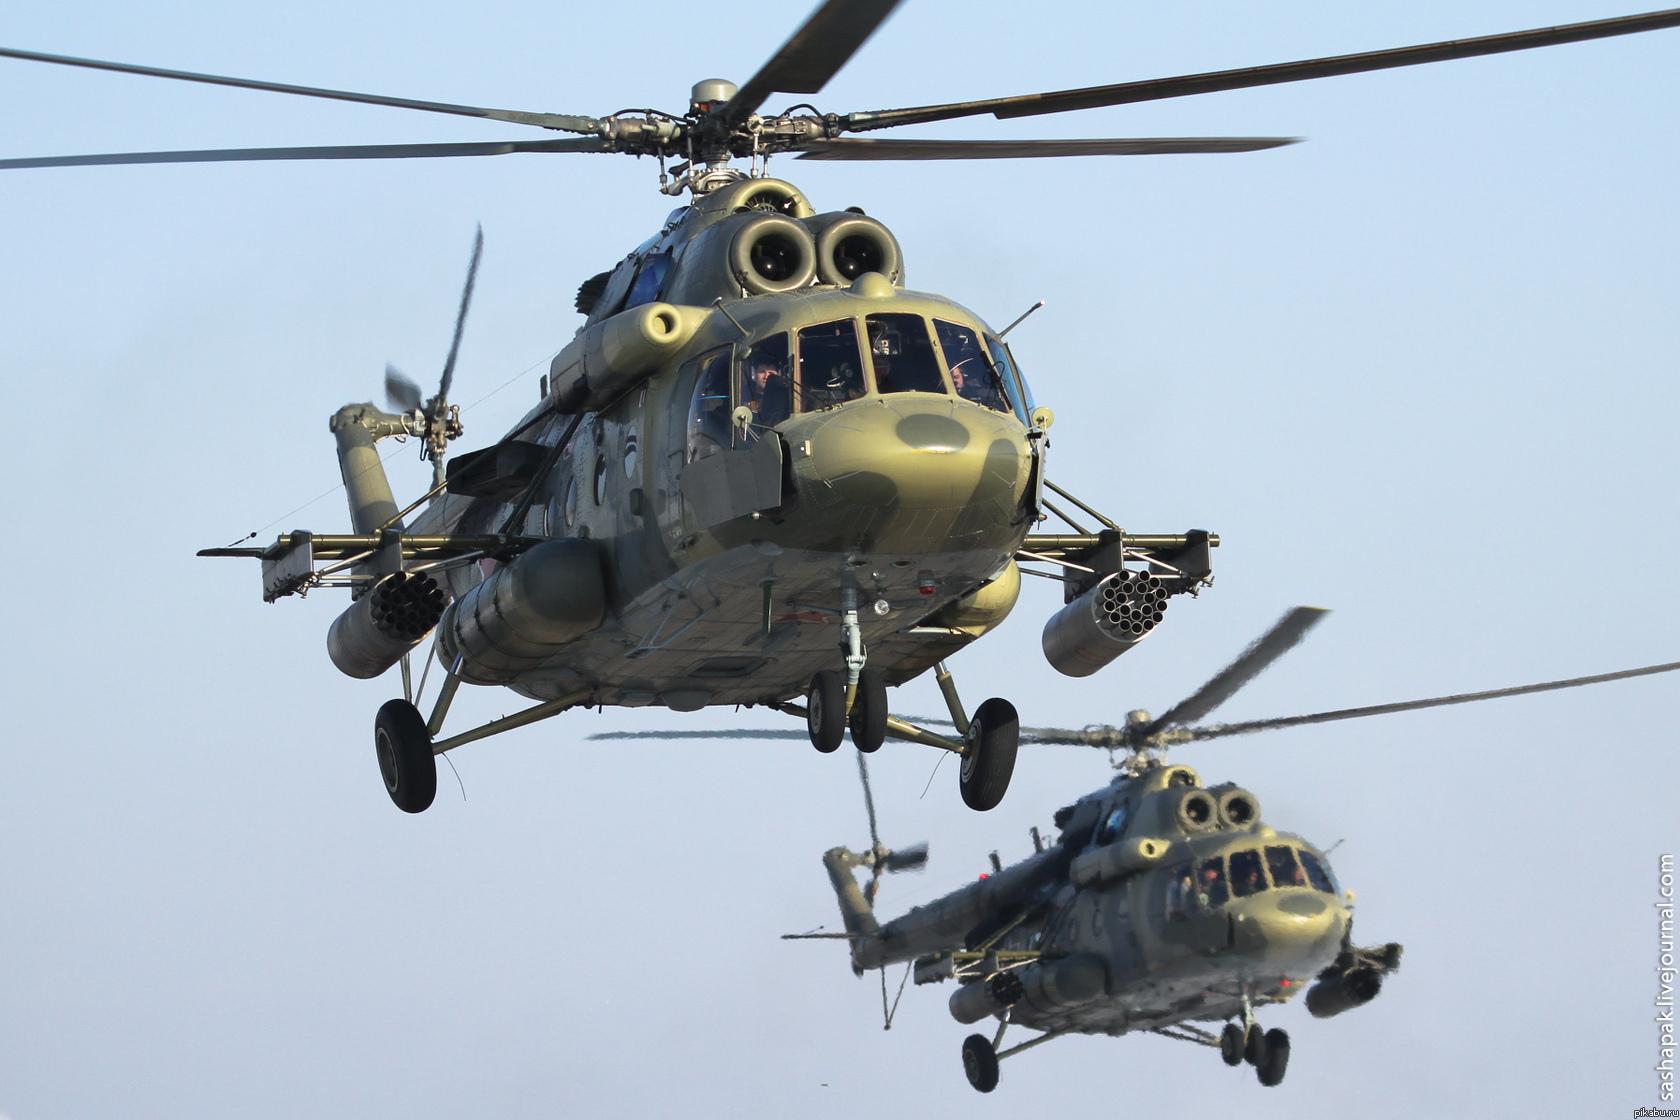 Ми-8 үлгісіндегі тікұшақтардың ұшуы тоқтатылды